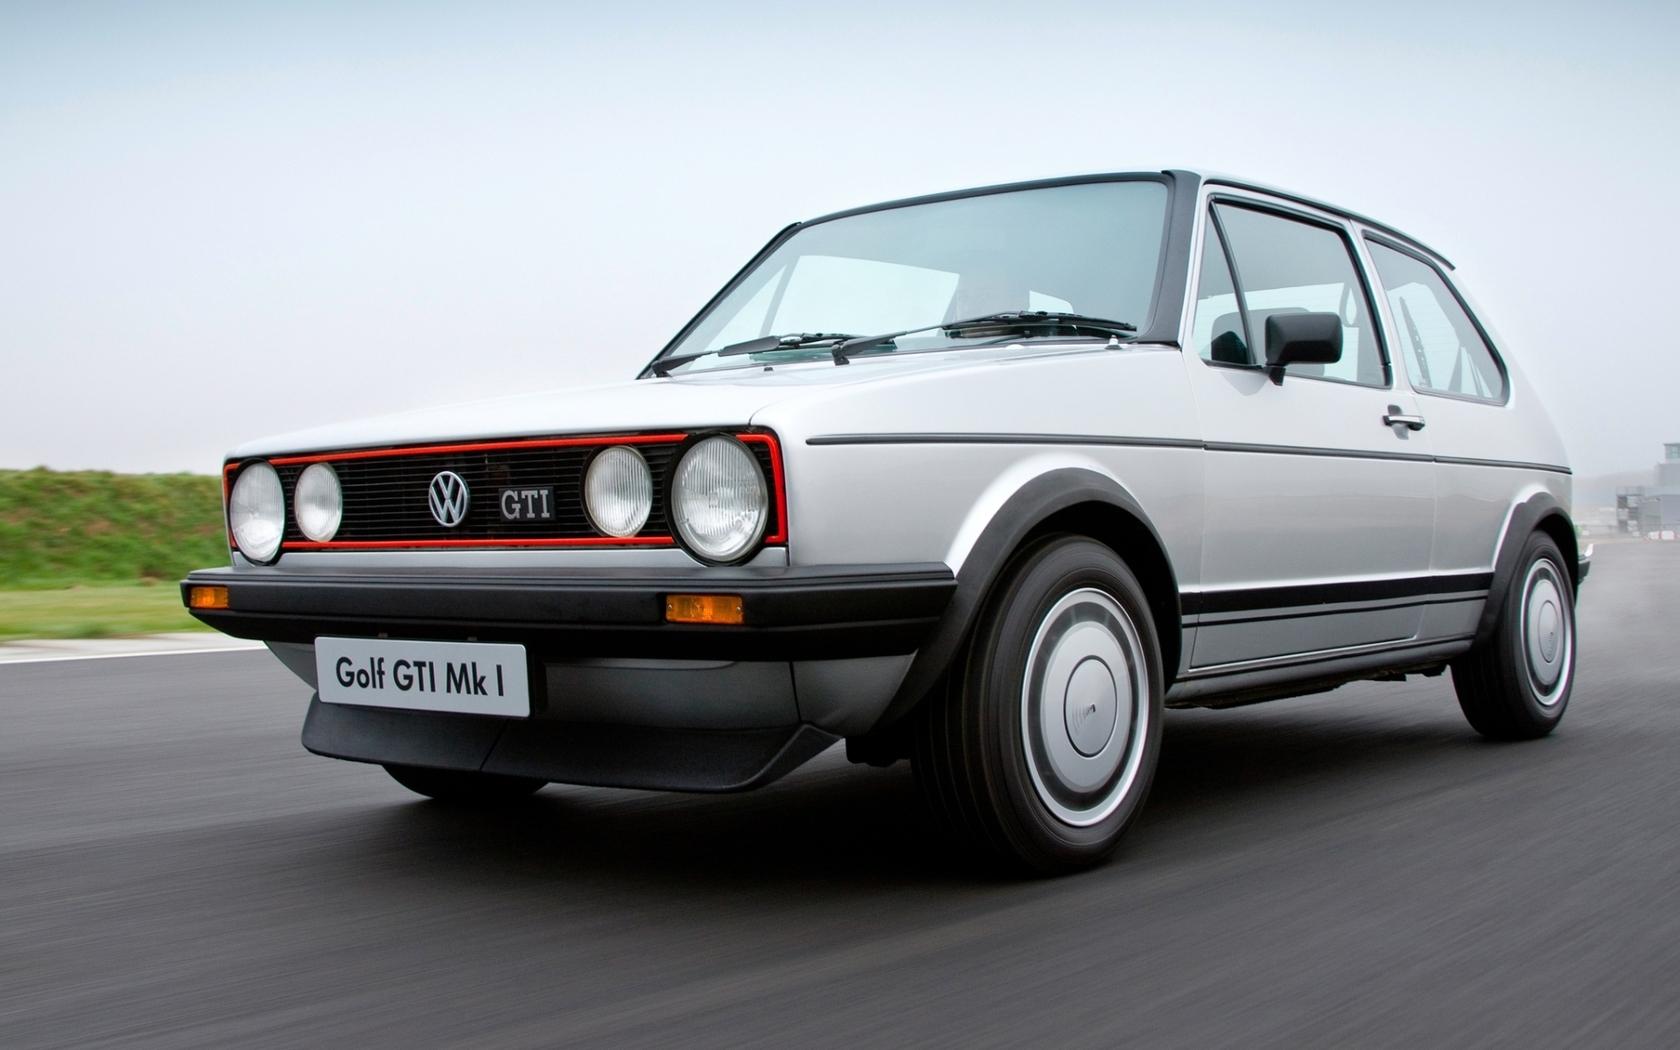 1976 Volkswagen Golf GTI Wallpapers   1680x1050   889469 1680x1050